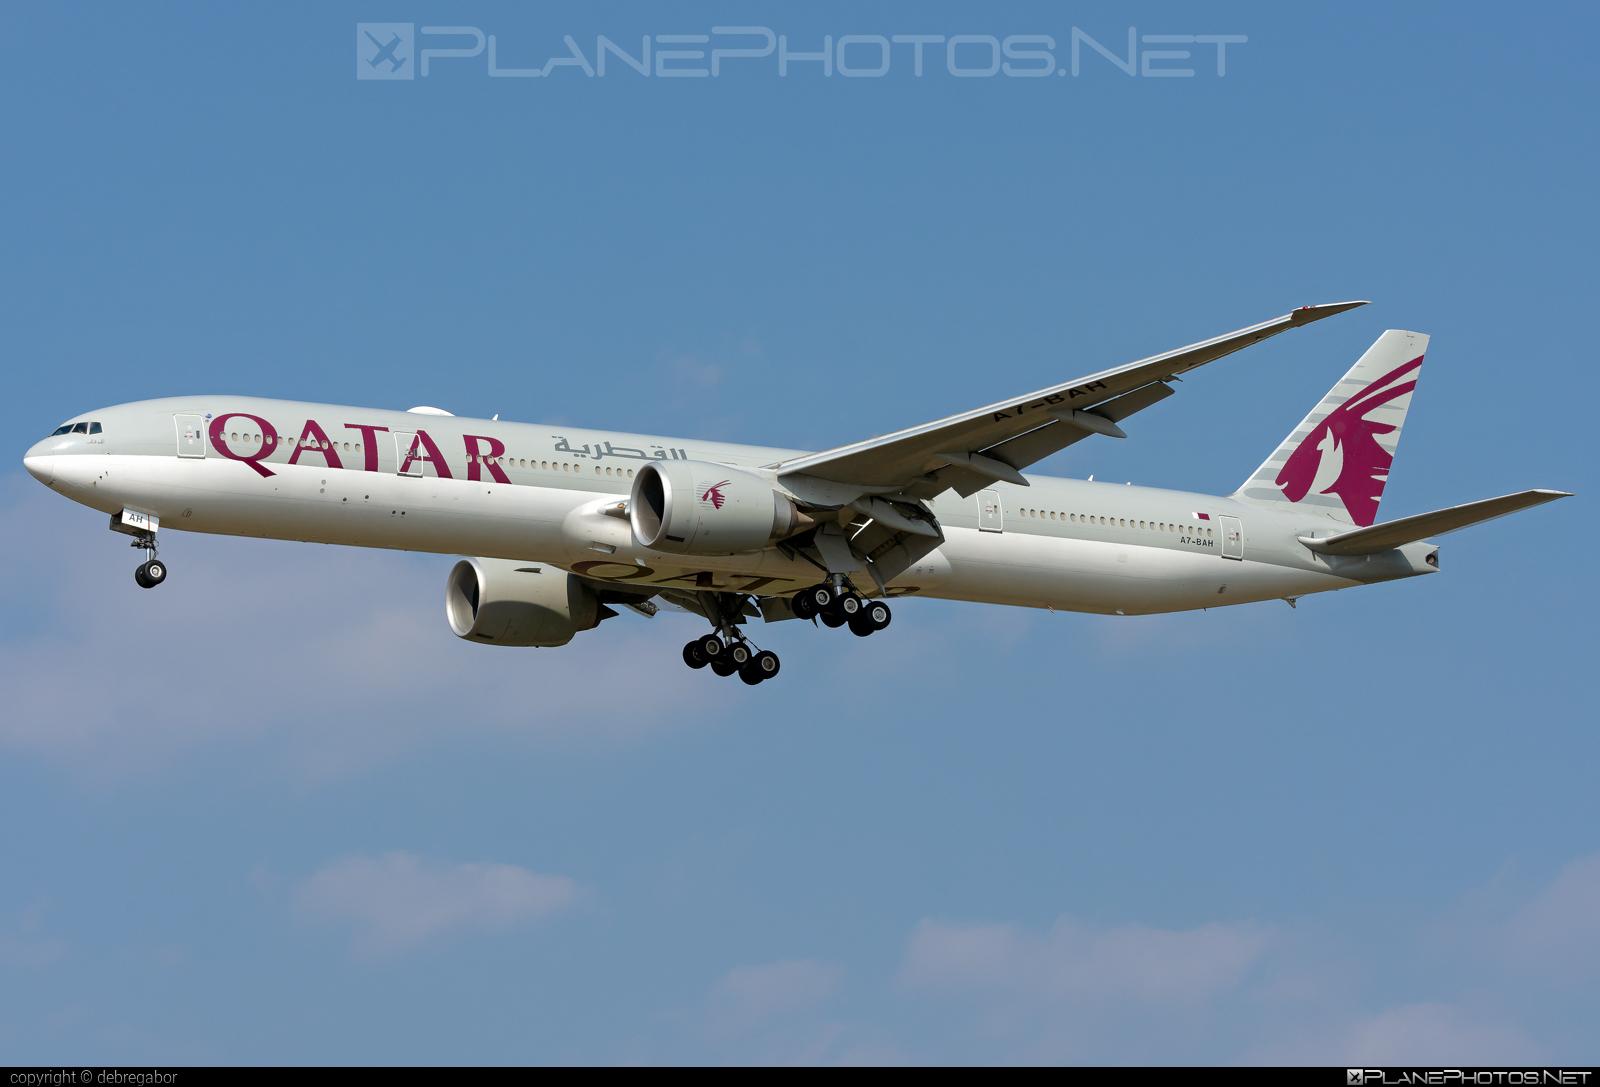 Boeing 777-300ER - A7-BAH operated by Qatar Airways #b777 #b777er #boeing #boeing777 #qatarairways #tripleseven